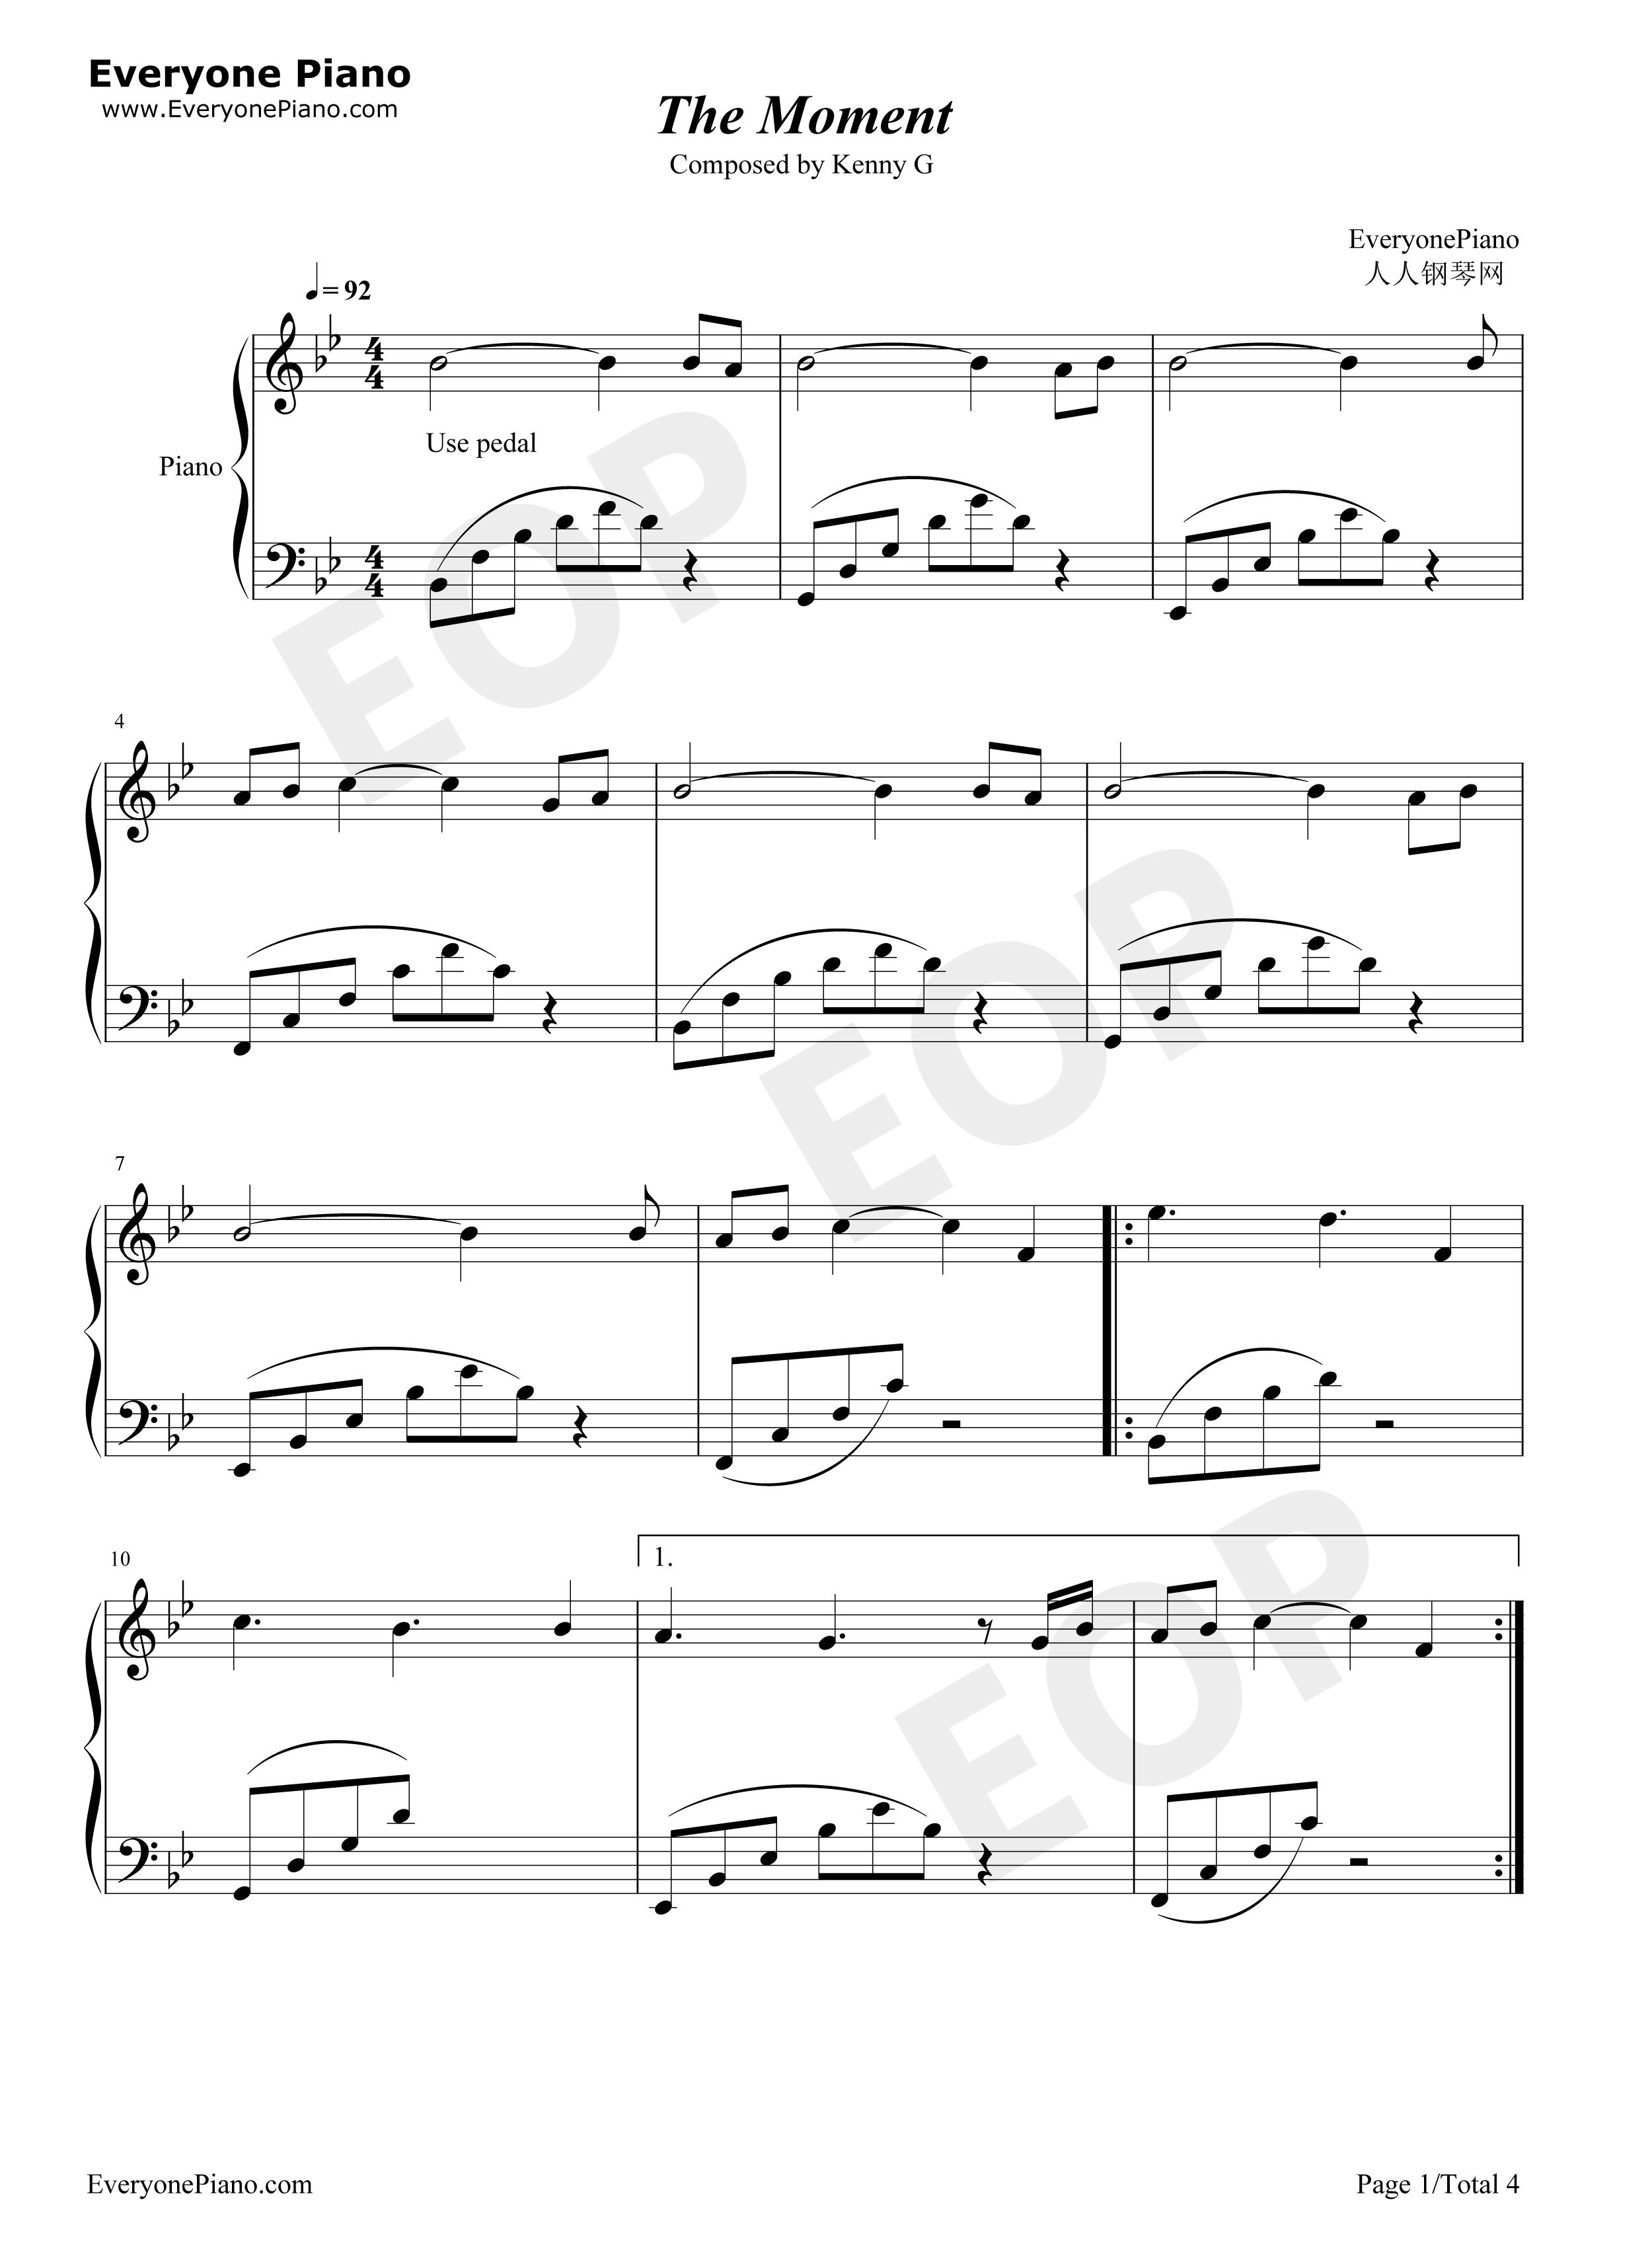 kenny g sheet music free pdf